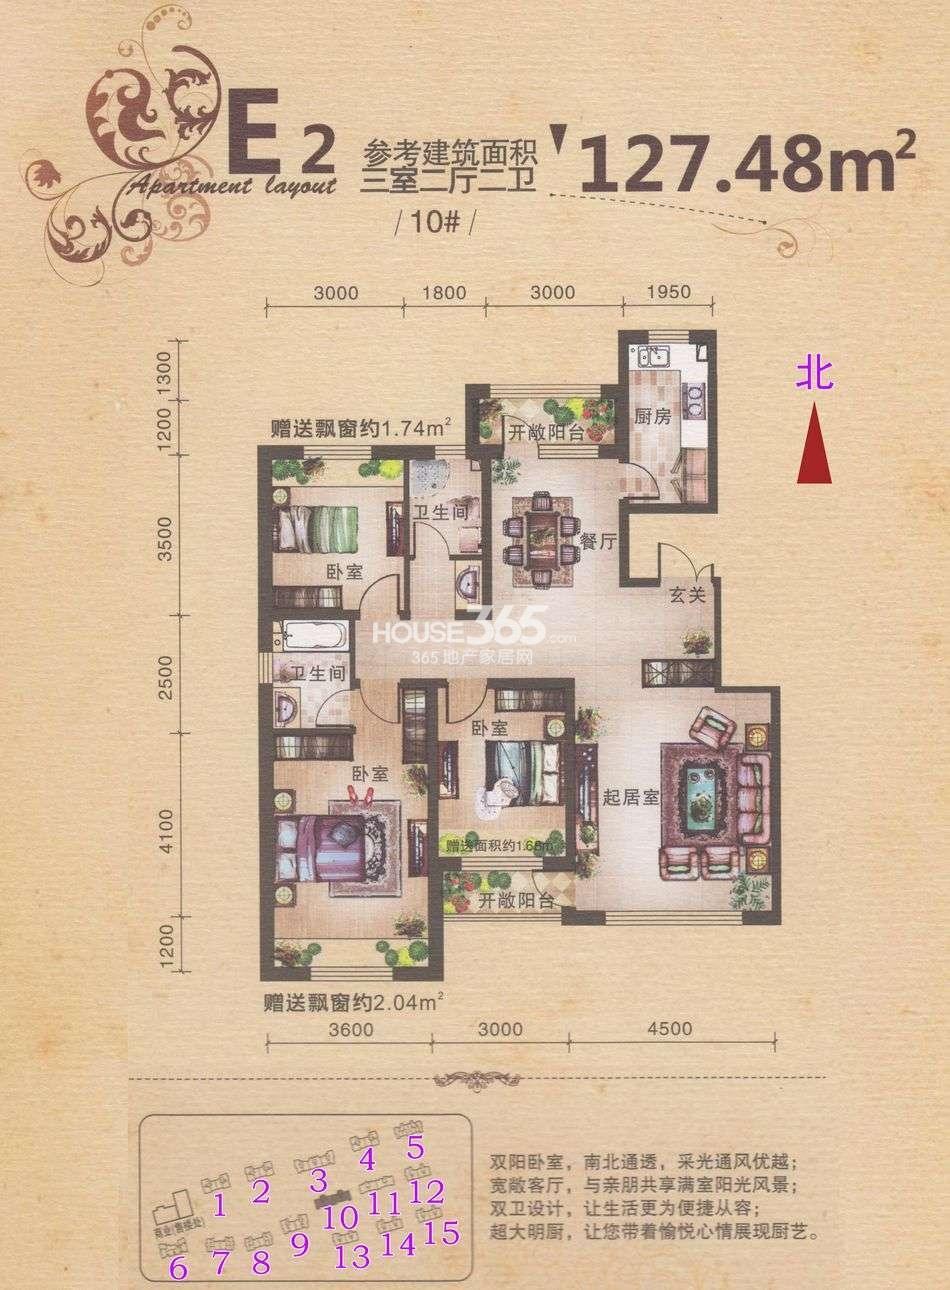 城建南郡e2户型图127.48平米